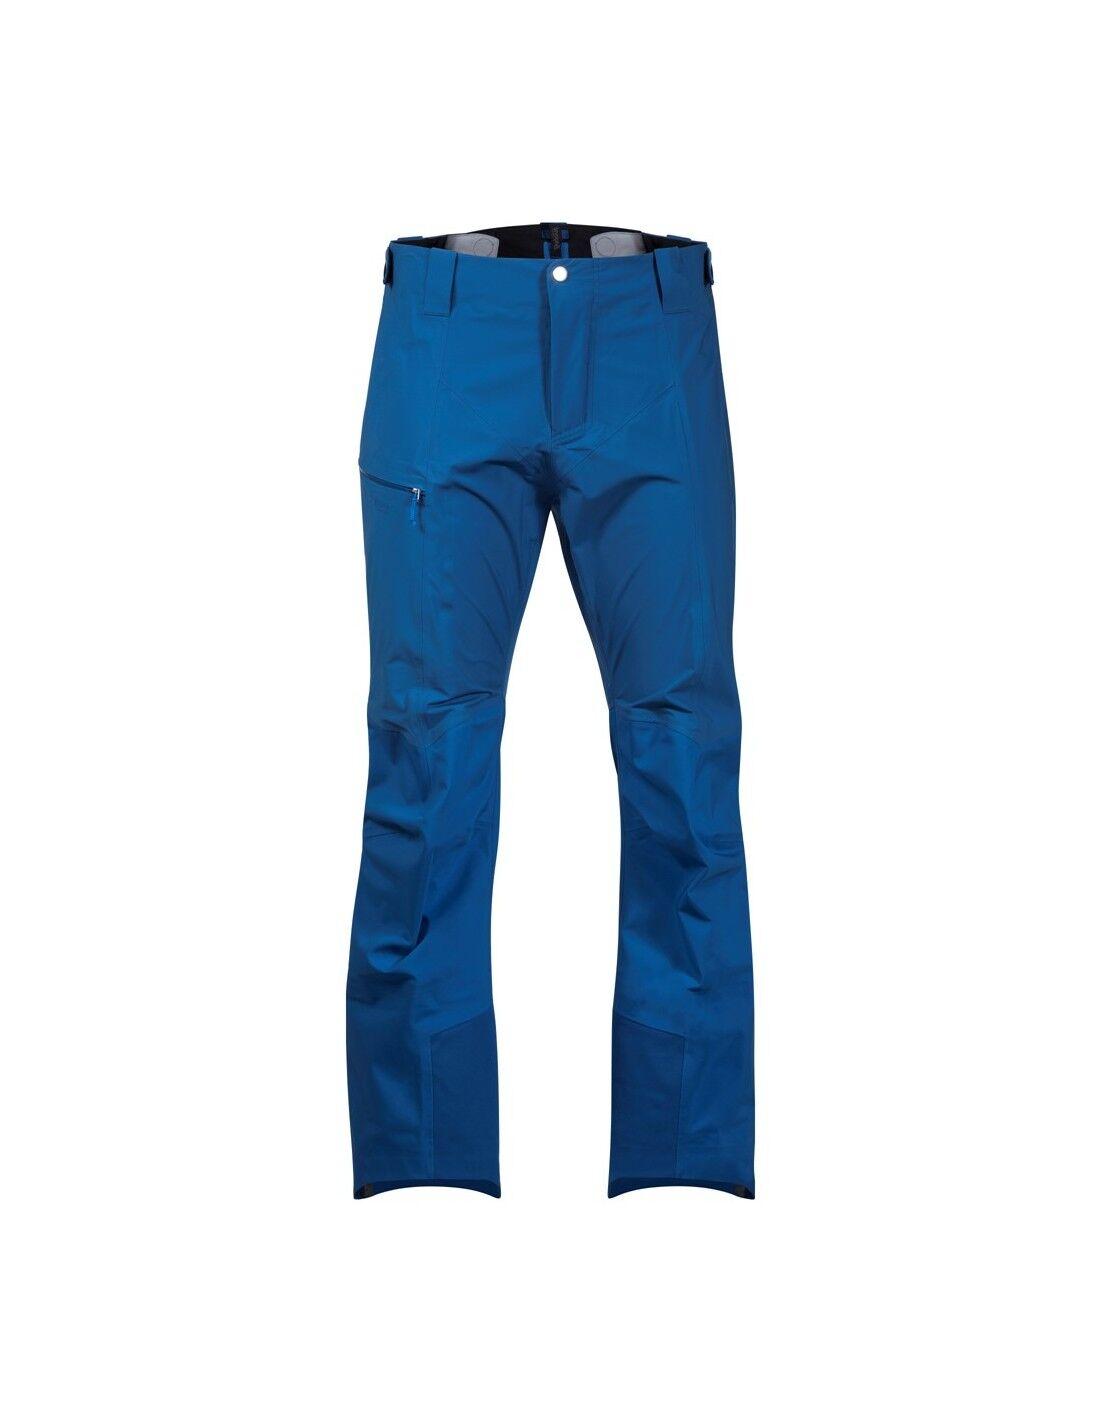 a76266e6 Leter du etter Sportsklær og sko Bergans-Hafslo-lags-bukse-herre ...